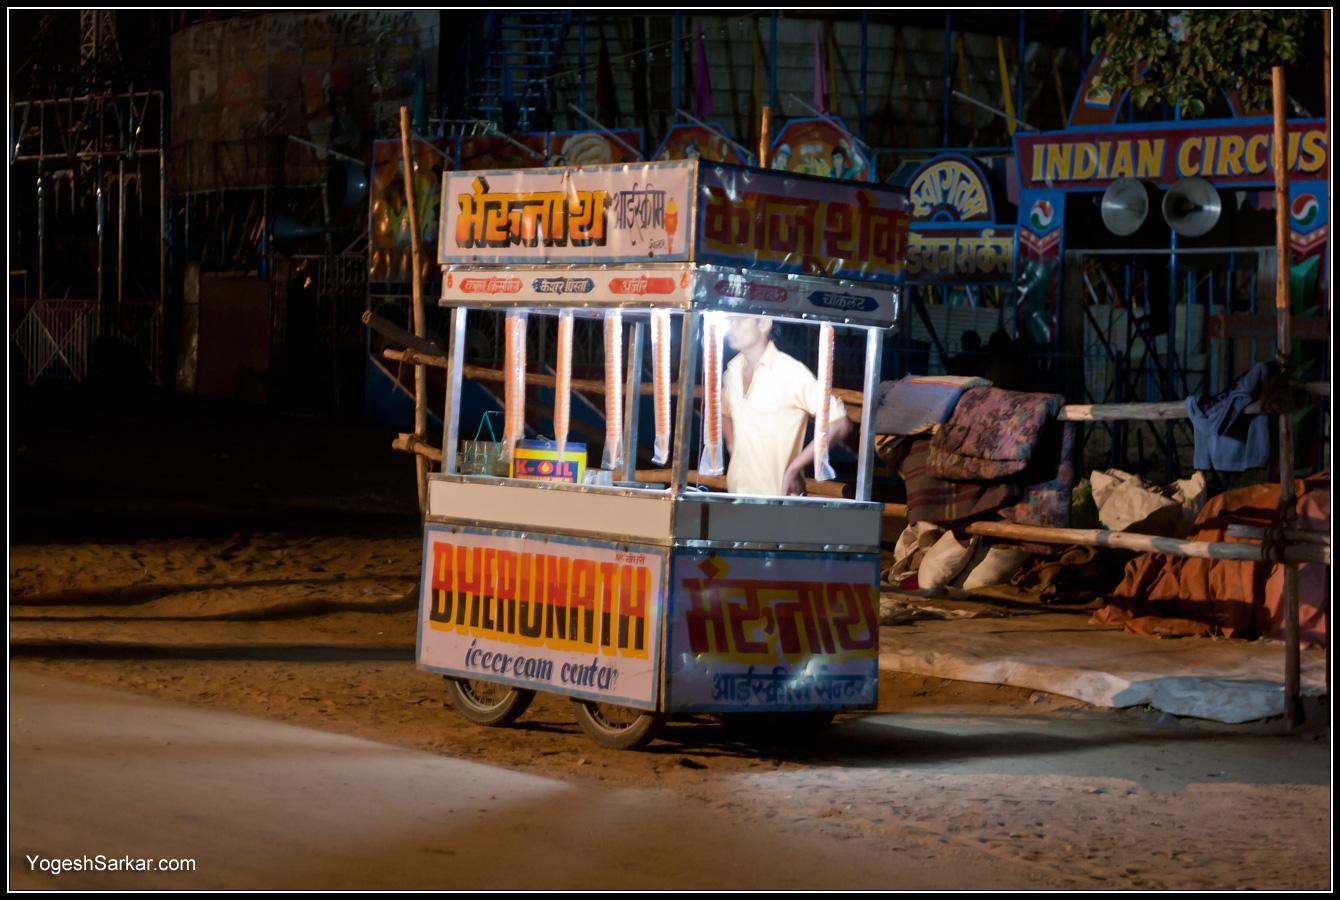 ice-cream-vendor-at-night.jpg